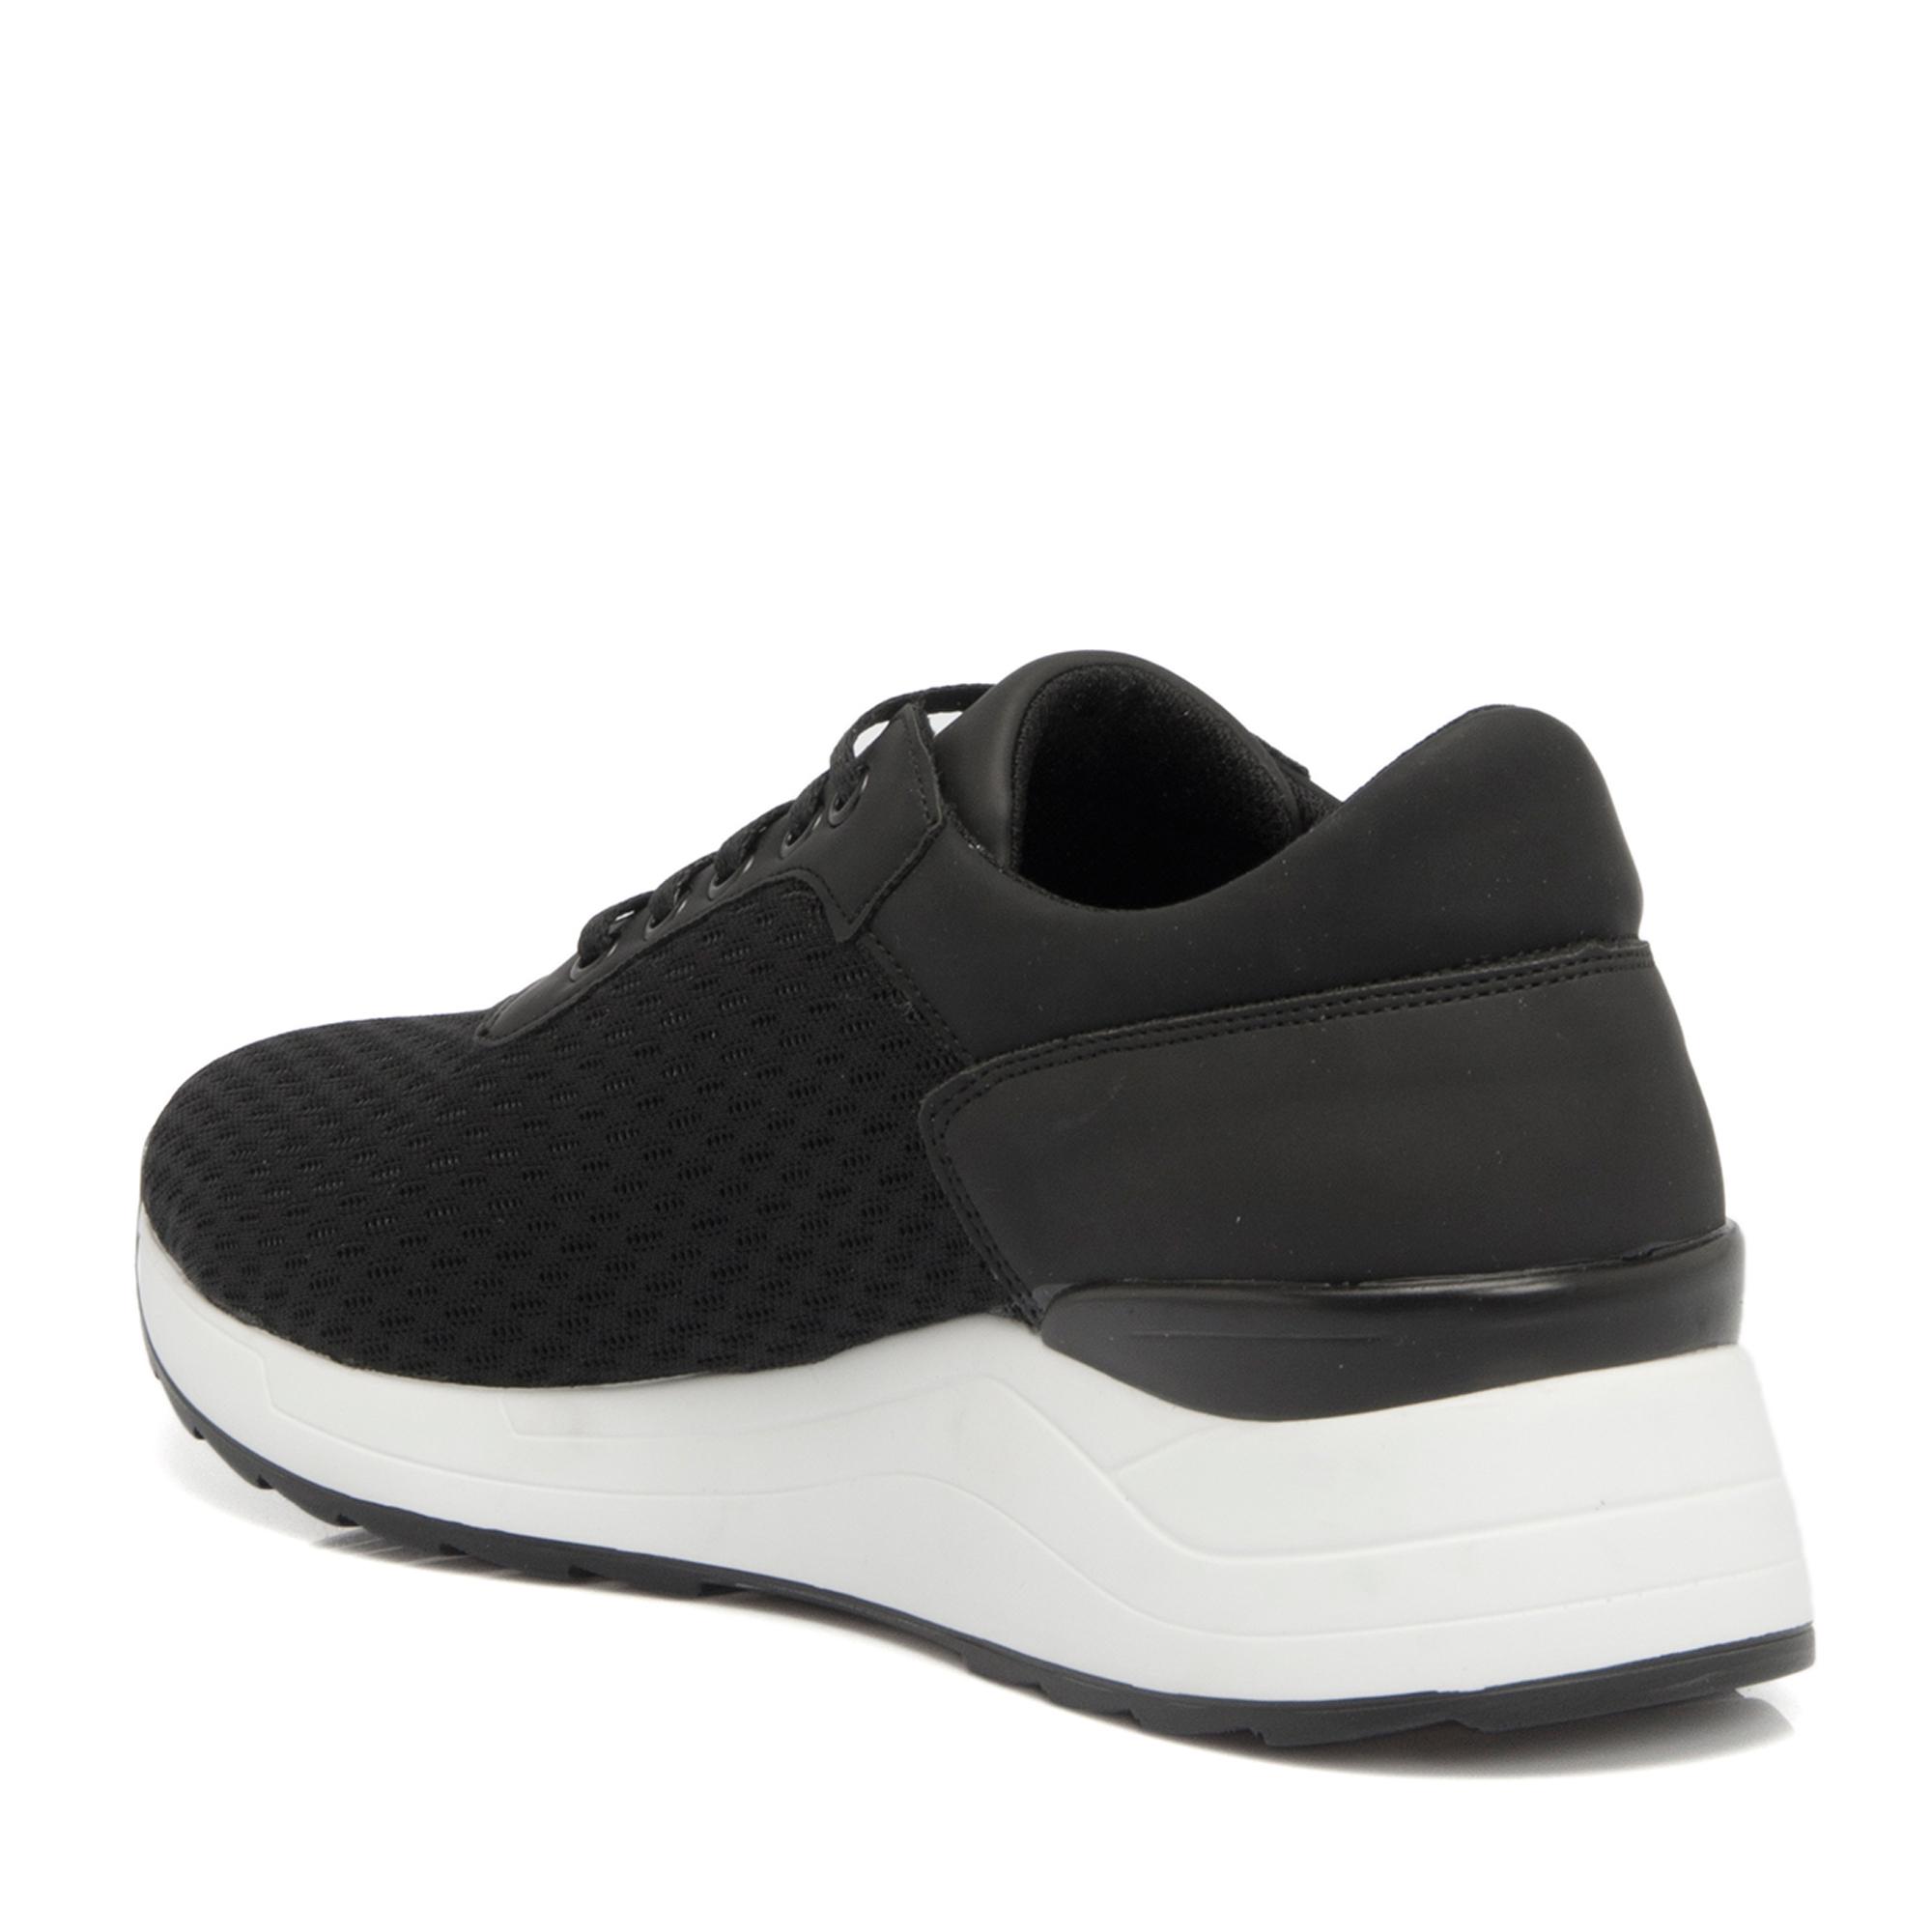 Siyah Kadın Ayakkabı 64233B9H